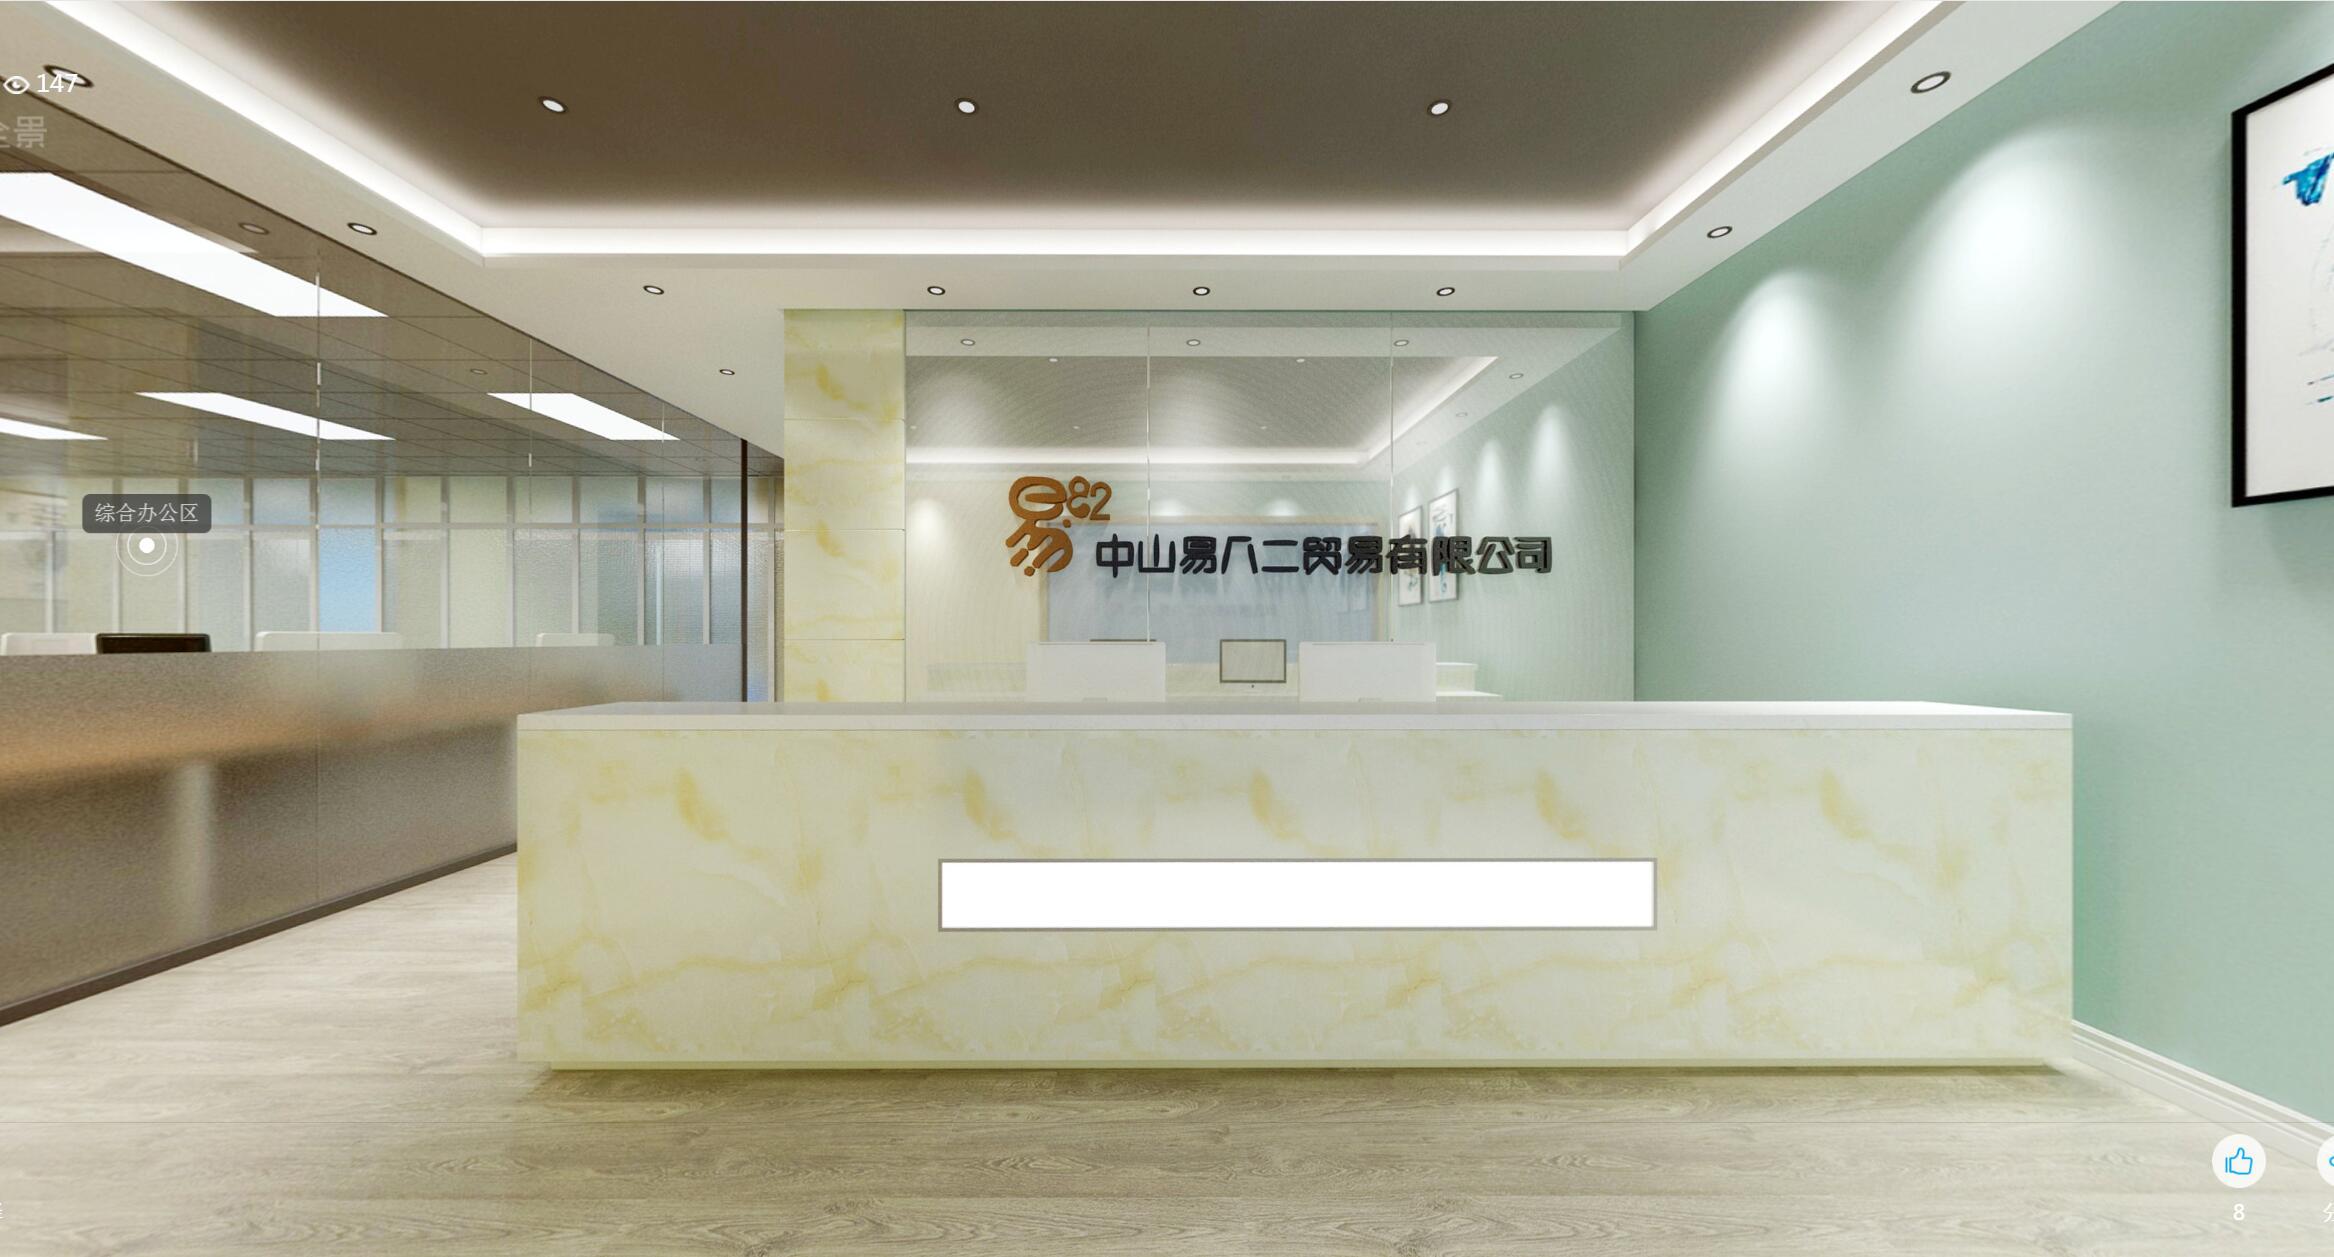 中山易八二貿易有限公司_才通國際人才網_job001.cn